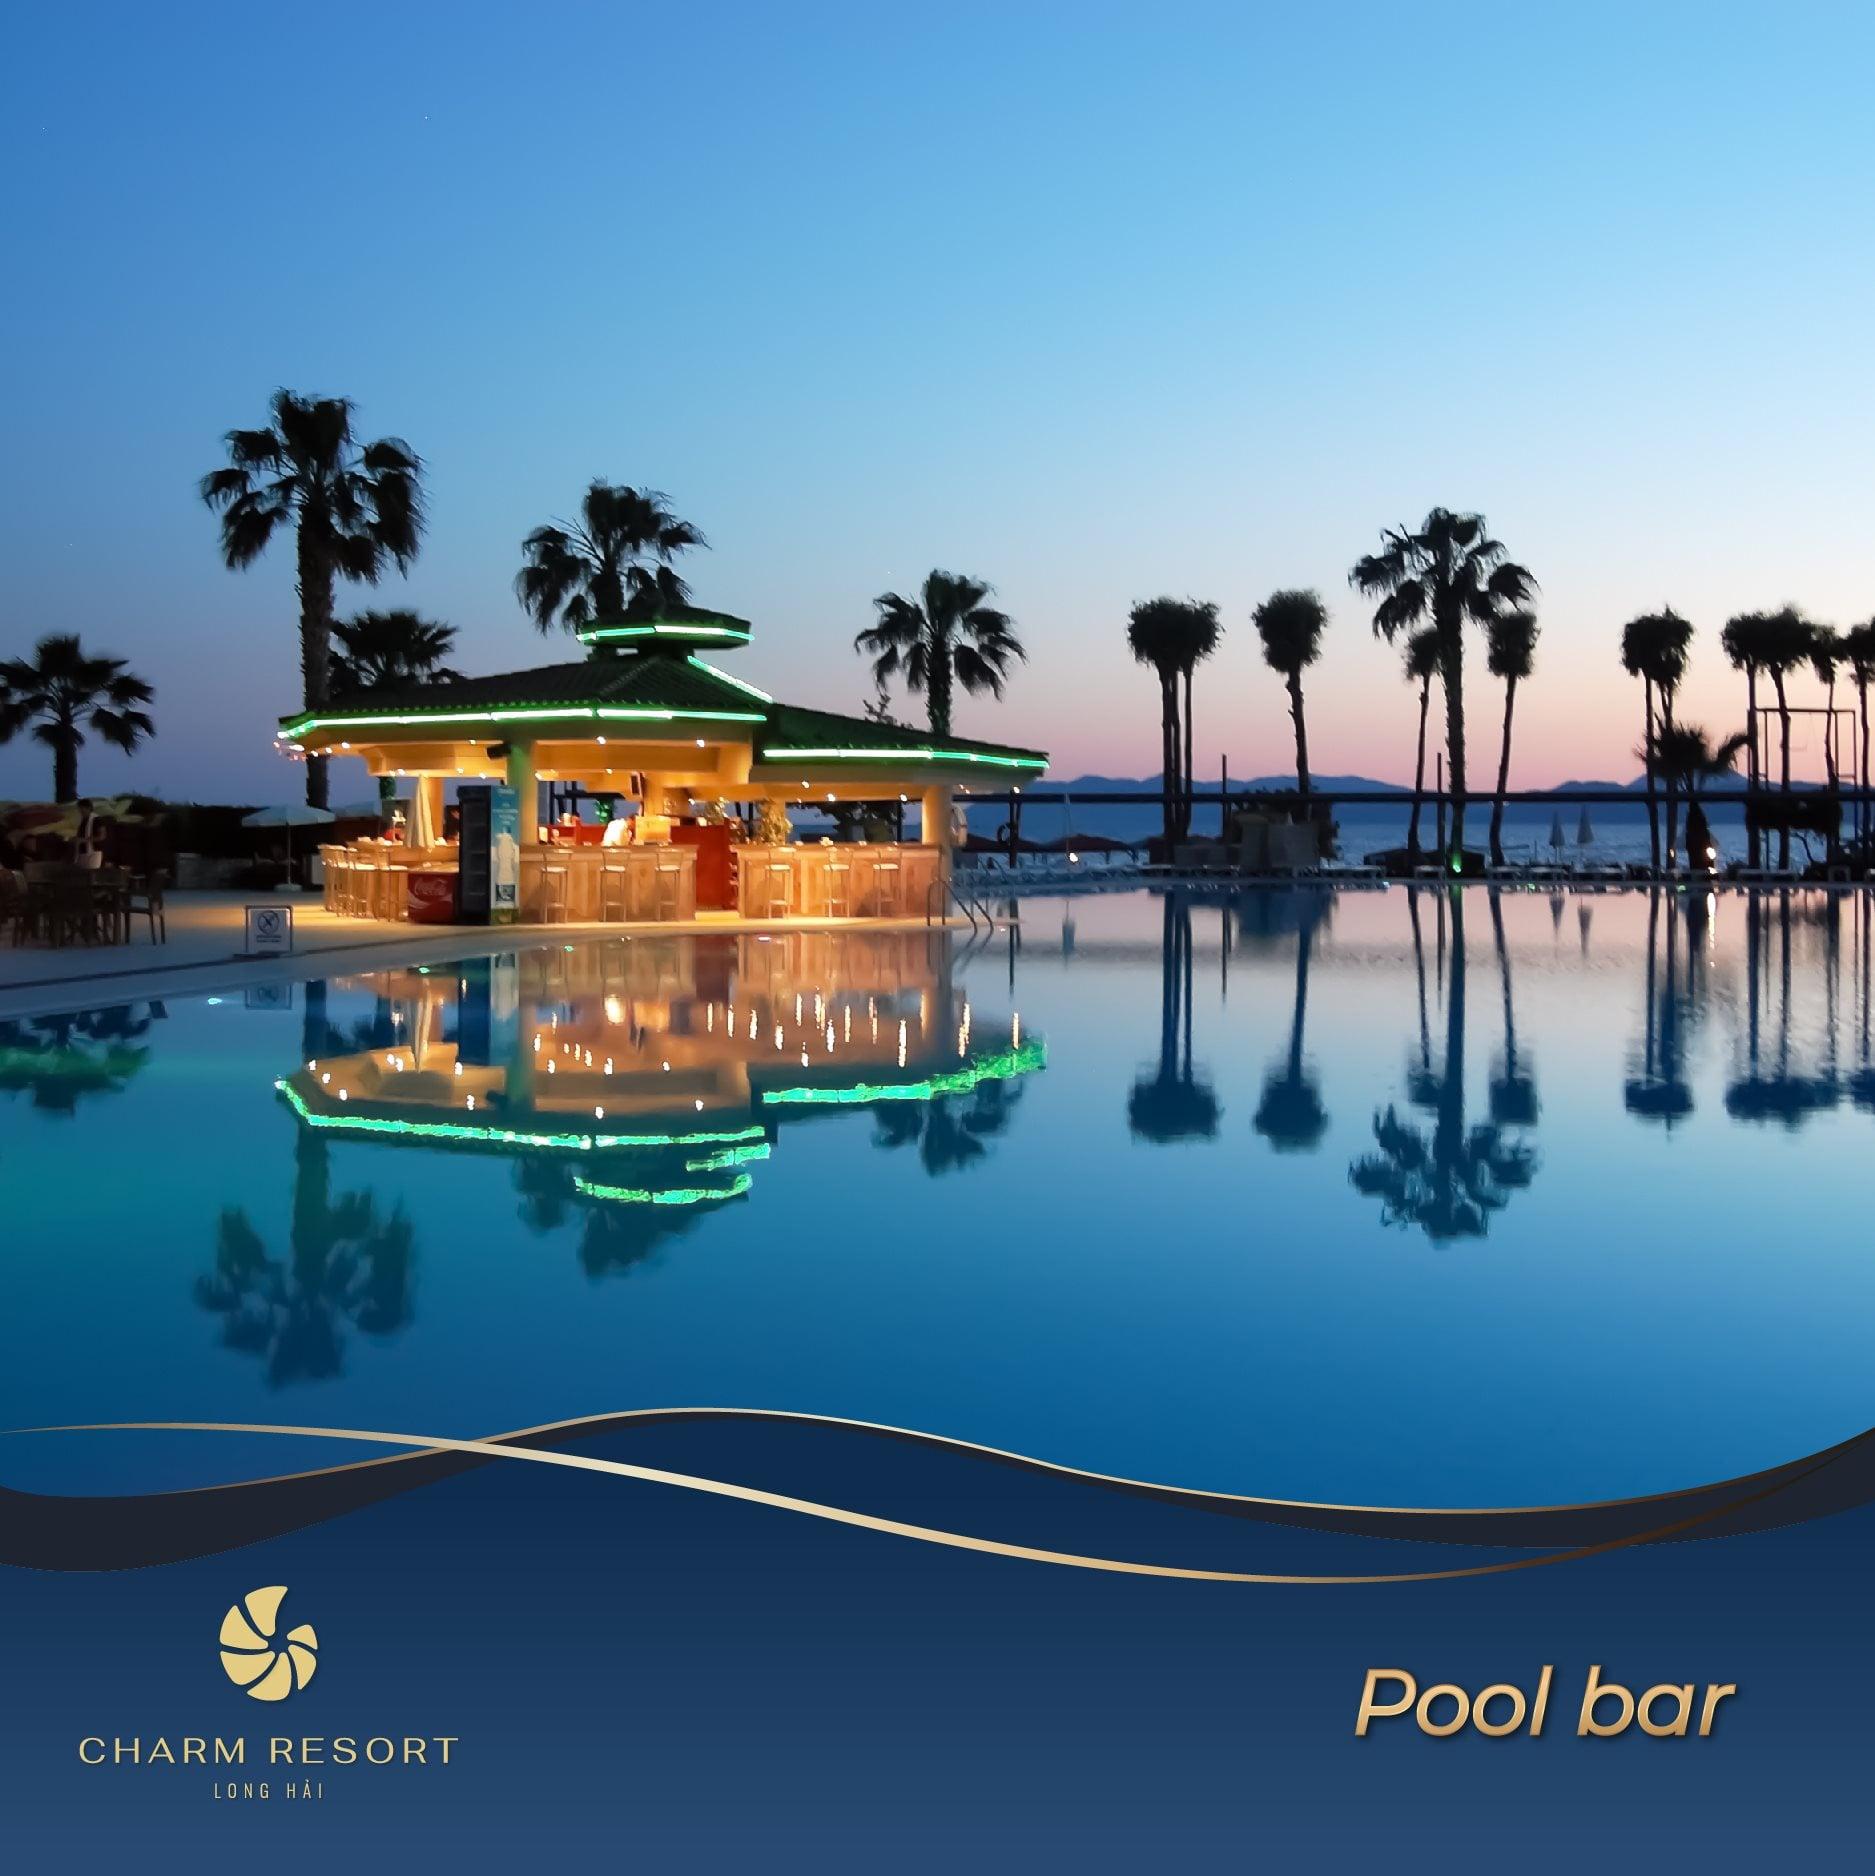 pool-bar-du-an-charm-resort-long-hai